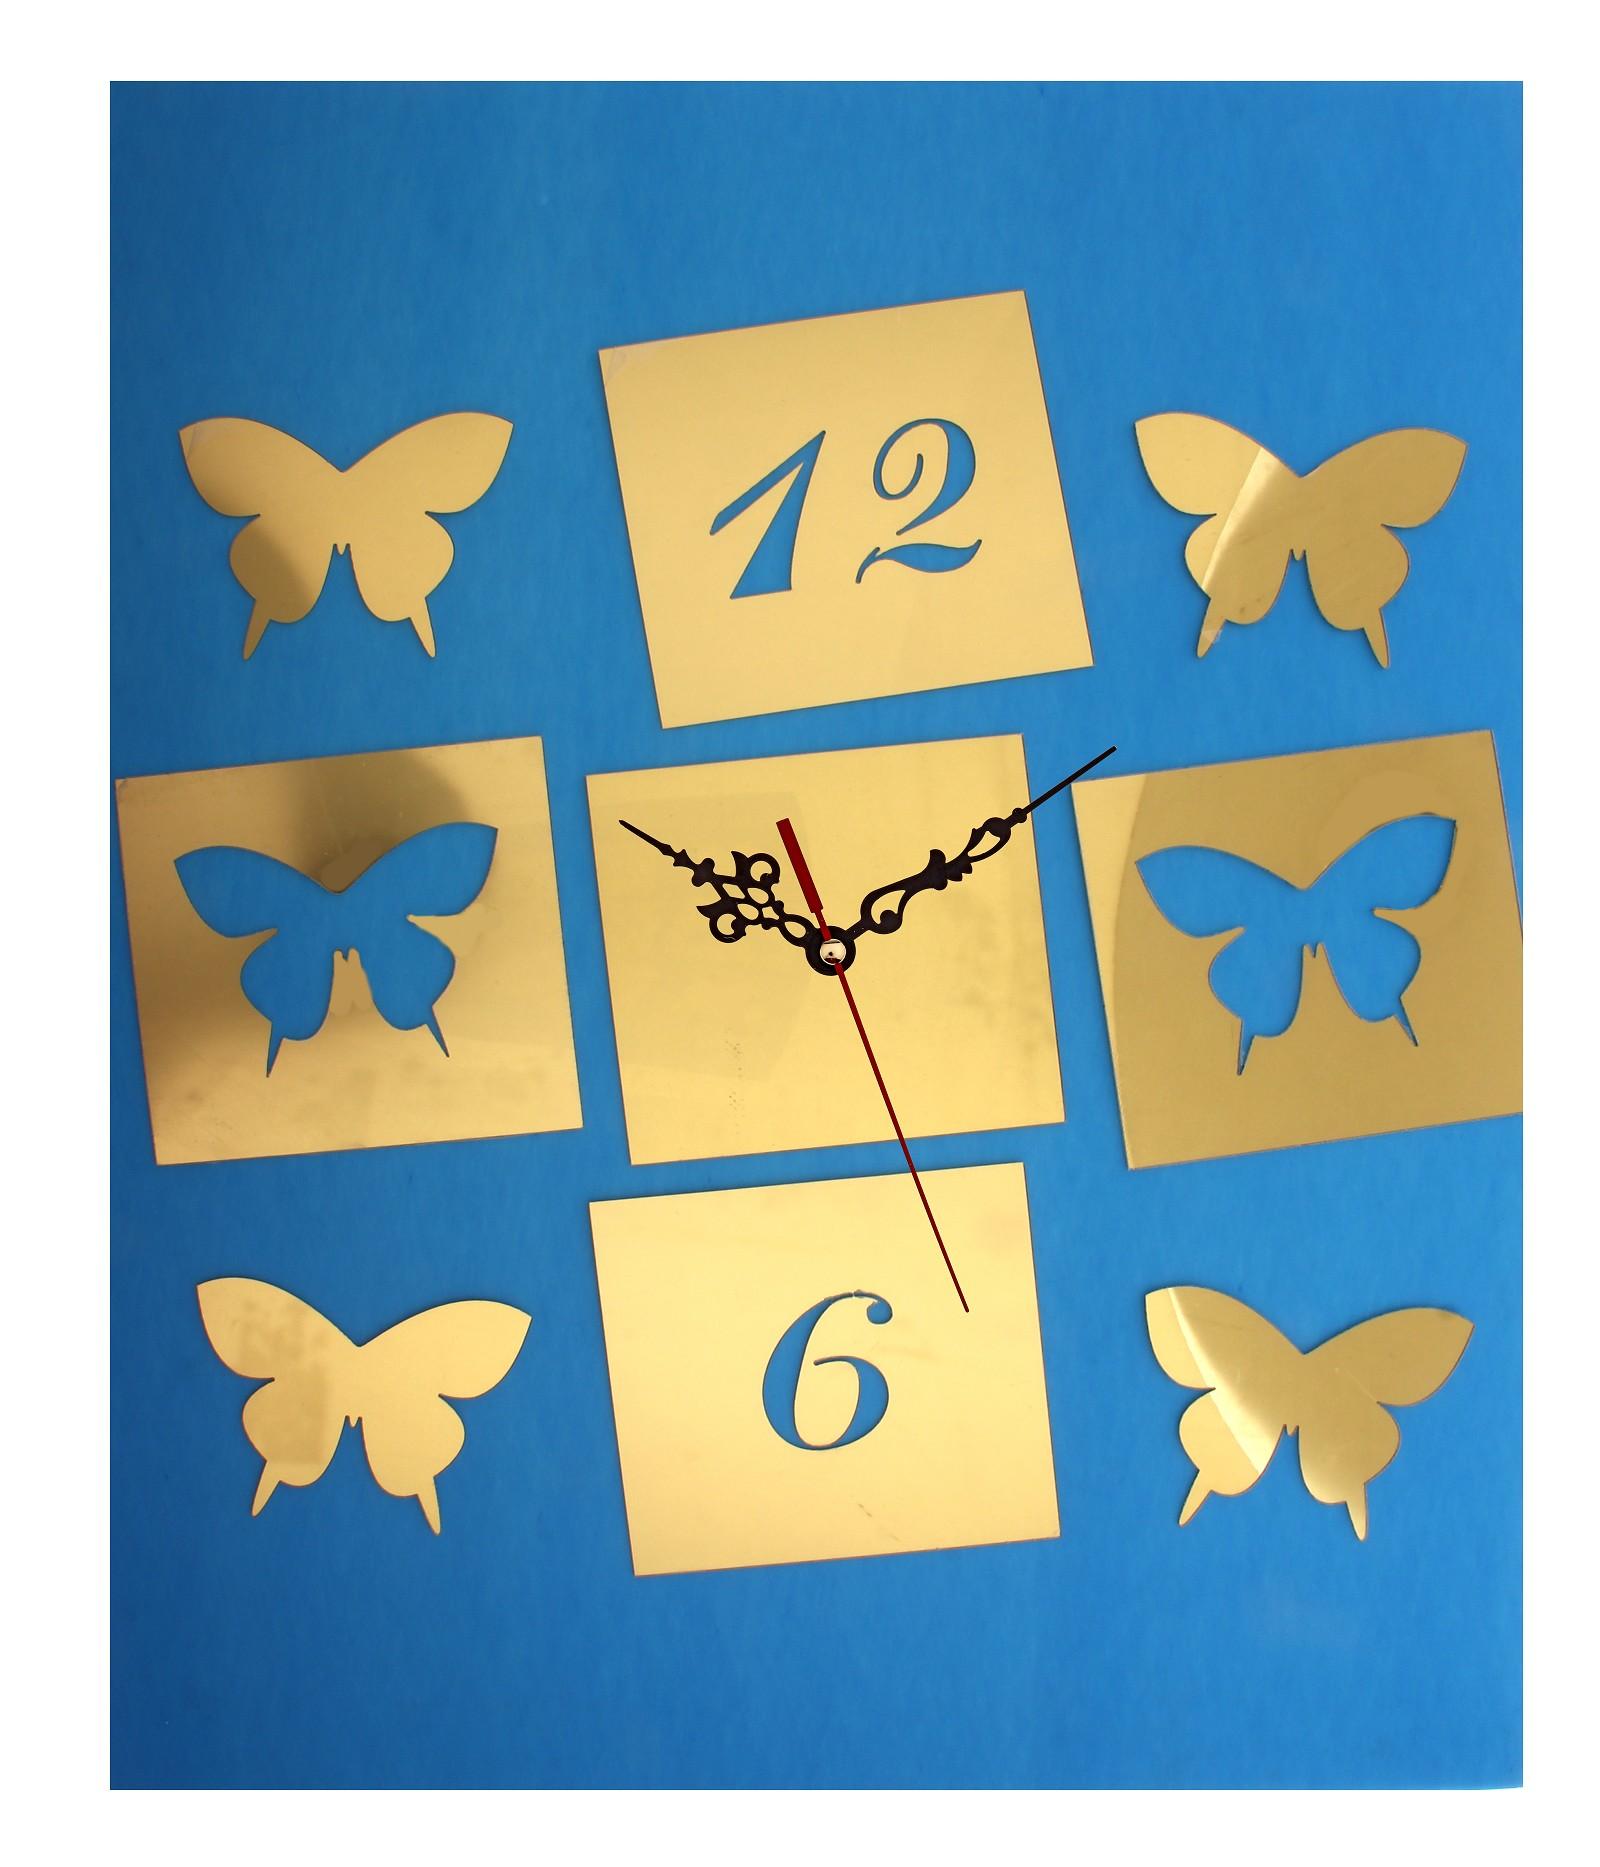 Часы-наклейка Бабочки, 60 х 44 см 729553729553Часы-наклейка Бабочки изготовлены из пластика золотистого цвета с глянцевой поверхностью. Часы выполнены в виде круглого основания (циферблат), в которое вставляется часовой механизм со стрелками. Для большего декоративного эффекта к основанию прилагаются дополнительные наклейки в виде бабочек.Если Вы – любитель перестановок или вам приходится часто переезжать, то часы-наклейка многоразового использования – это то, что вам нужно: они не требуют гвоздей в стене и фиксации на одном месте.Легкие и компактные они украсят интерьер и никогда не примелькаются. Характеристики:Материал: пластик. Цвет: золотистый. Диаметр основания: 13 см. Размер композиции: 60 см х 44 см. Длина стрелки: 12 см. Изготовитель: Китай. Артикул: 729553.